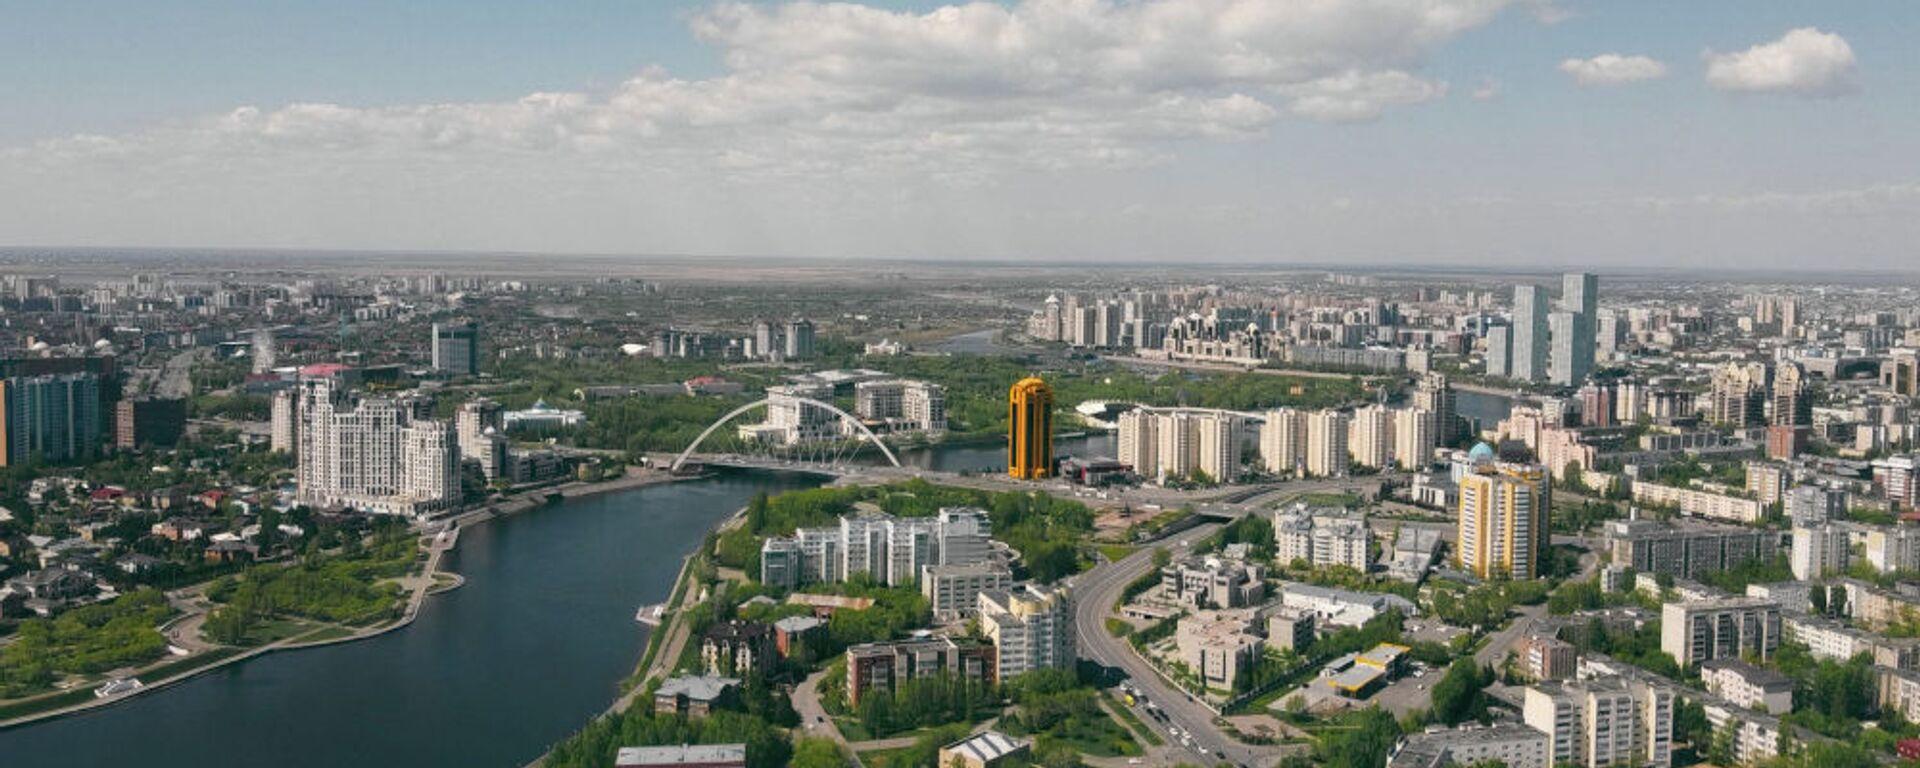 Виды города Нур-Султан. С высоты хорошо видны правый и левый берег столицы. - Sputnik Узбекистан, 1920, 21.08.2021